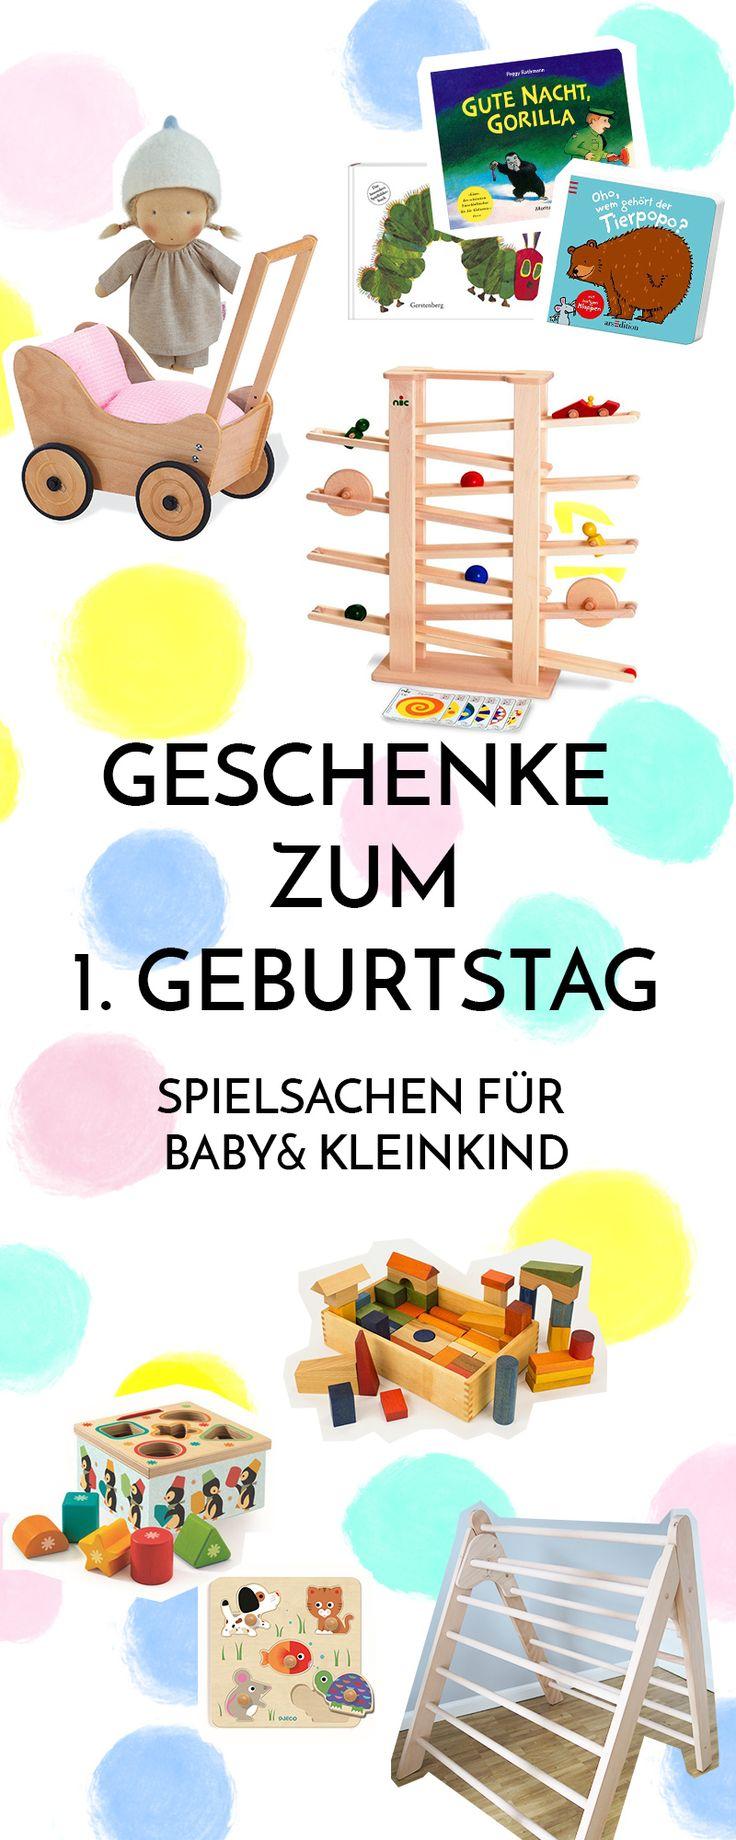 die besten 25 kinderspielzeug ideen auf pinterest h lzernes baby spielzeug babyspielzeug und. Black Bedroom Furniture Sets. Home Design Ideas